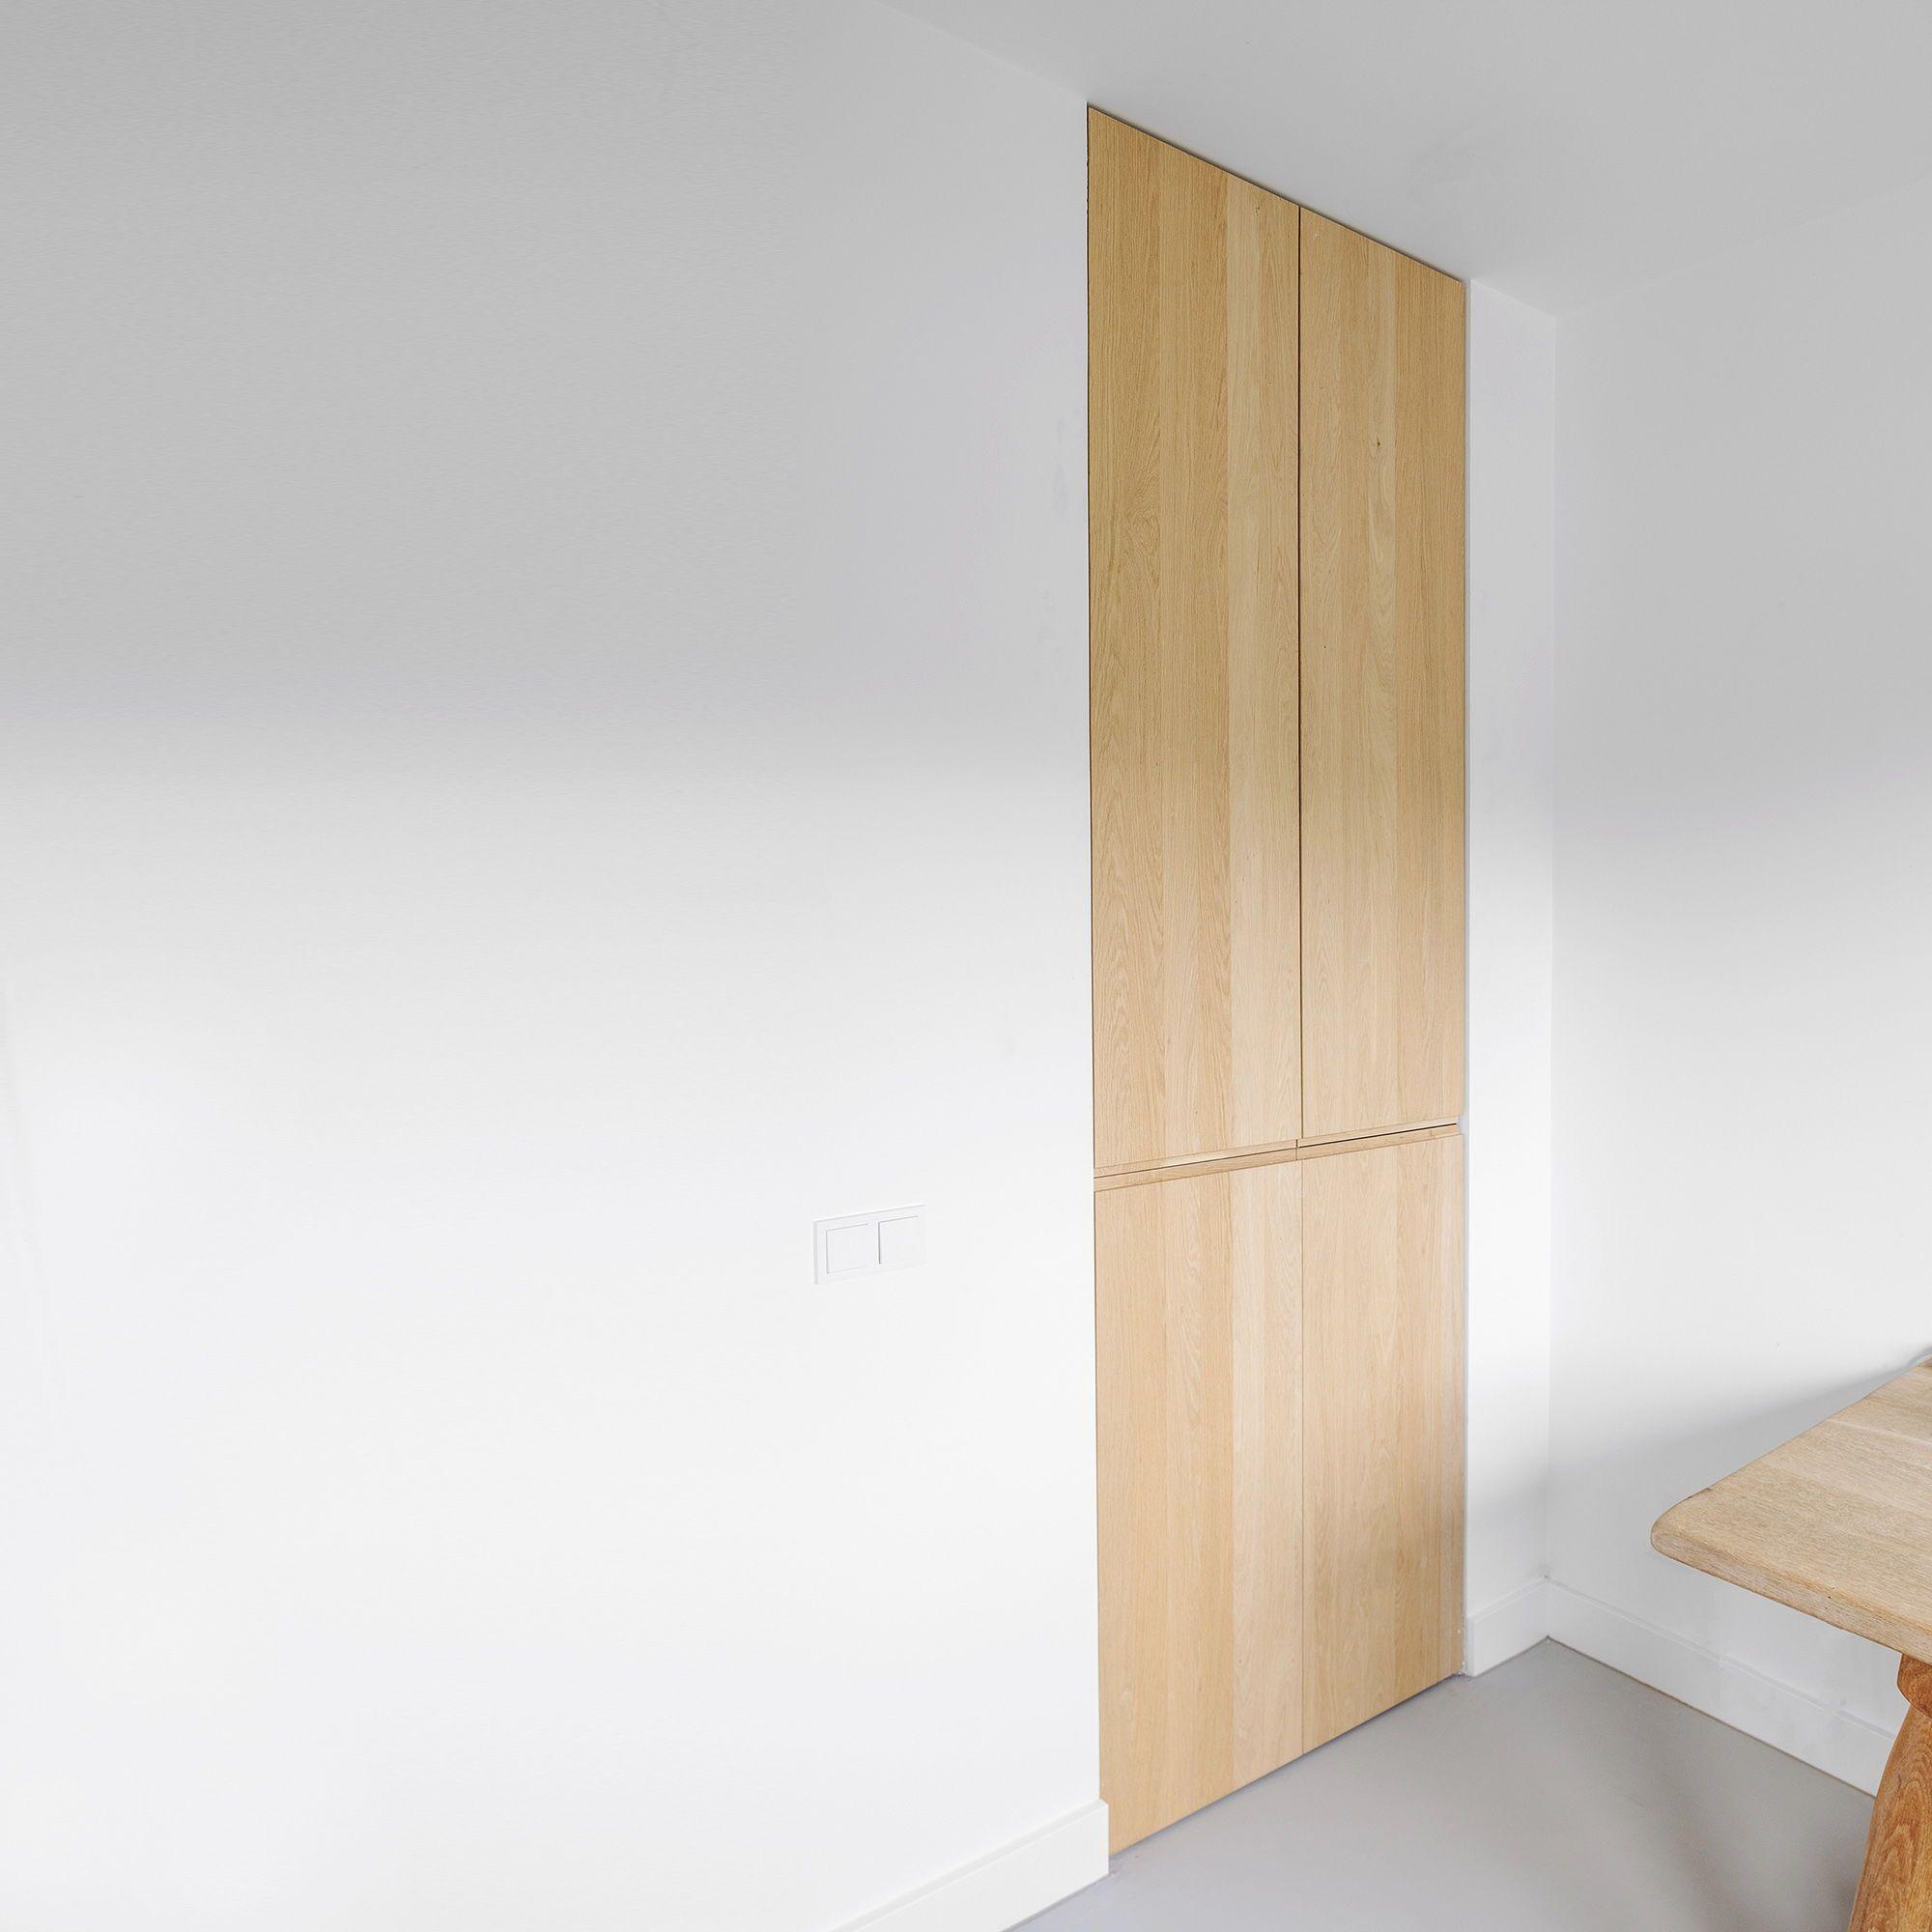 Maatwerk In Steen Staal En Massief Hout Ikea Massief